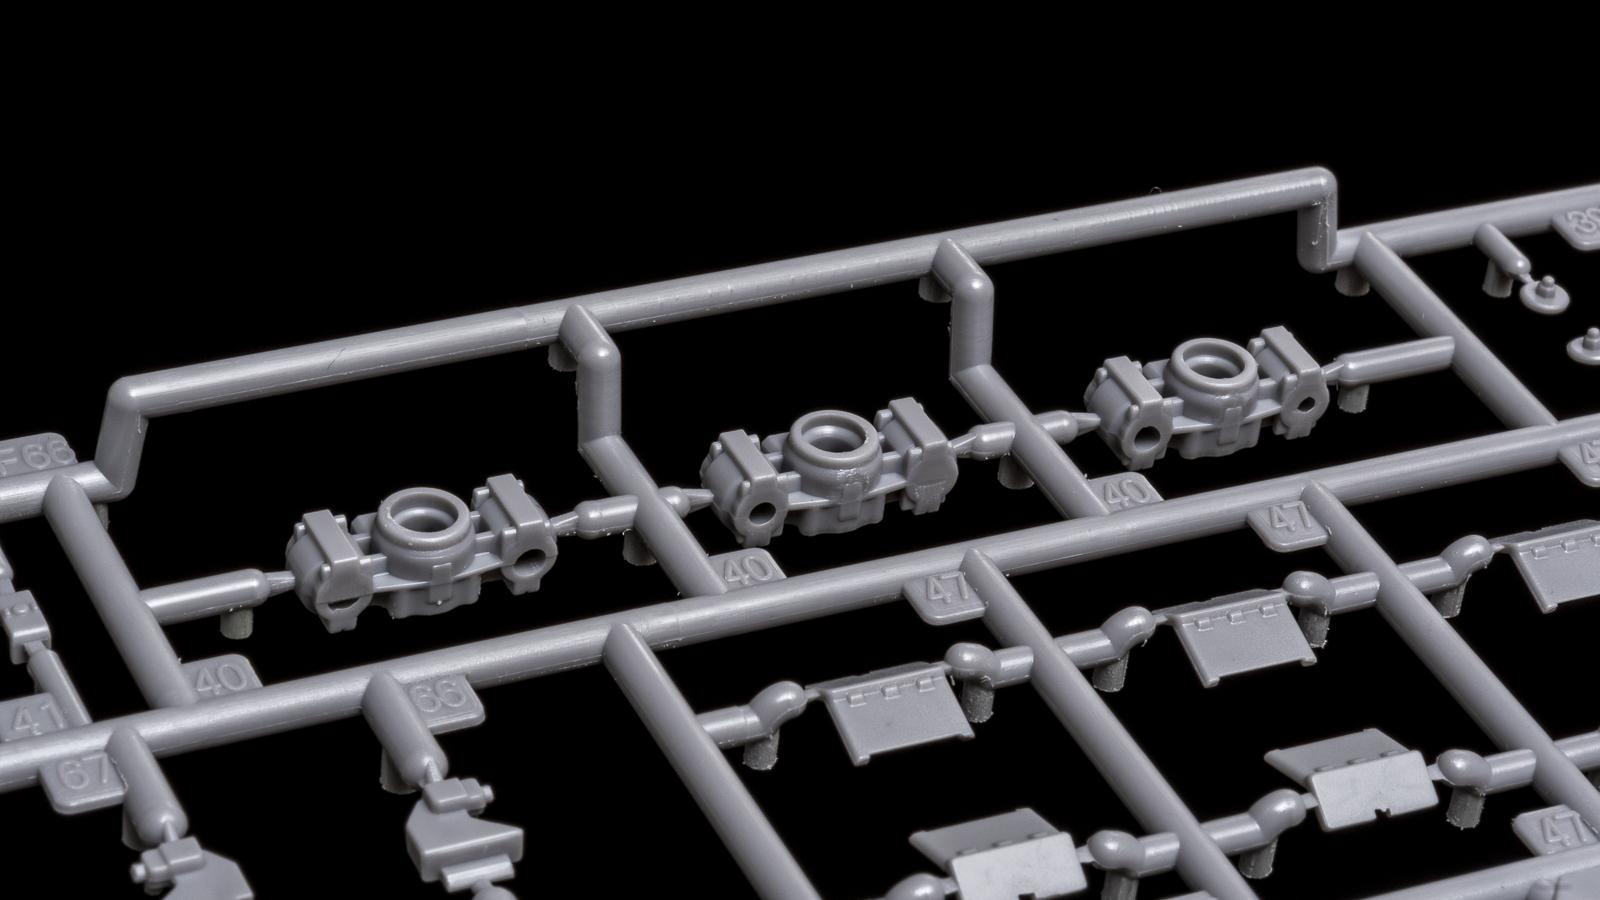 アオシマの放つ「超巨大な電気機関車のプラモデル」、トレミュEF66の細部に迫る【前編】_b0029315_01131276.jpg